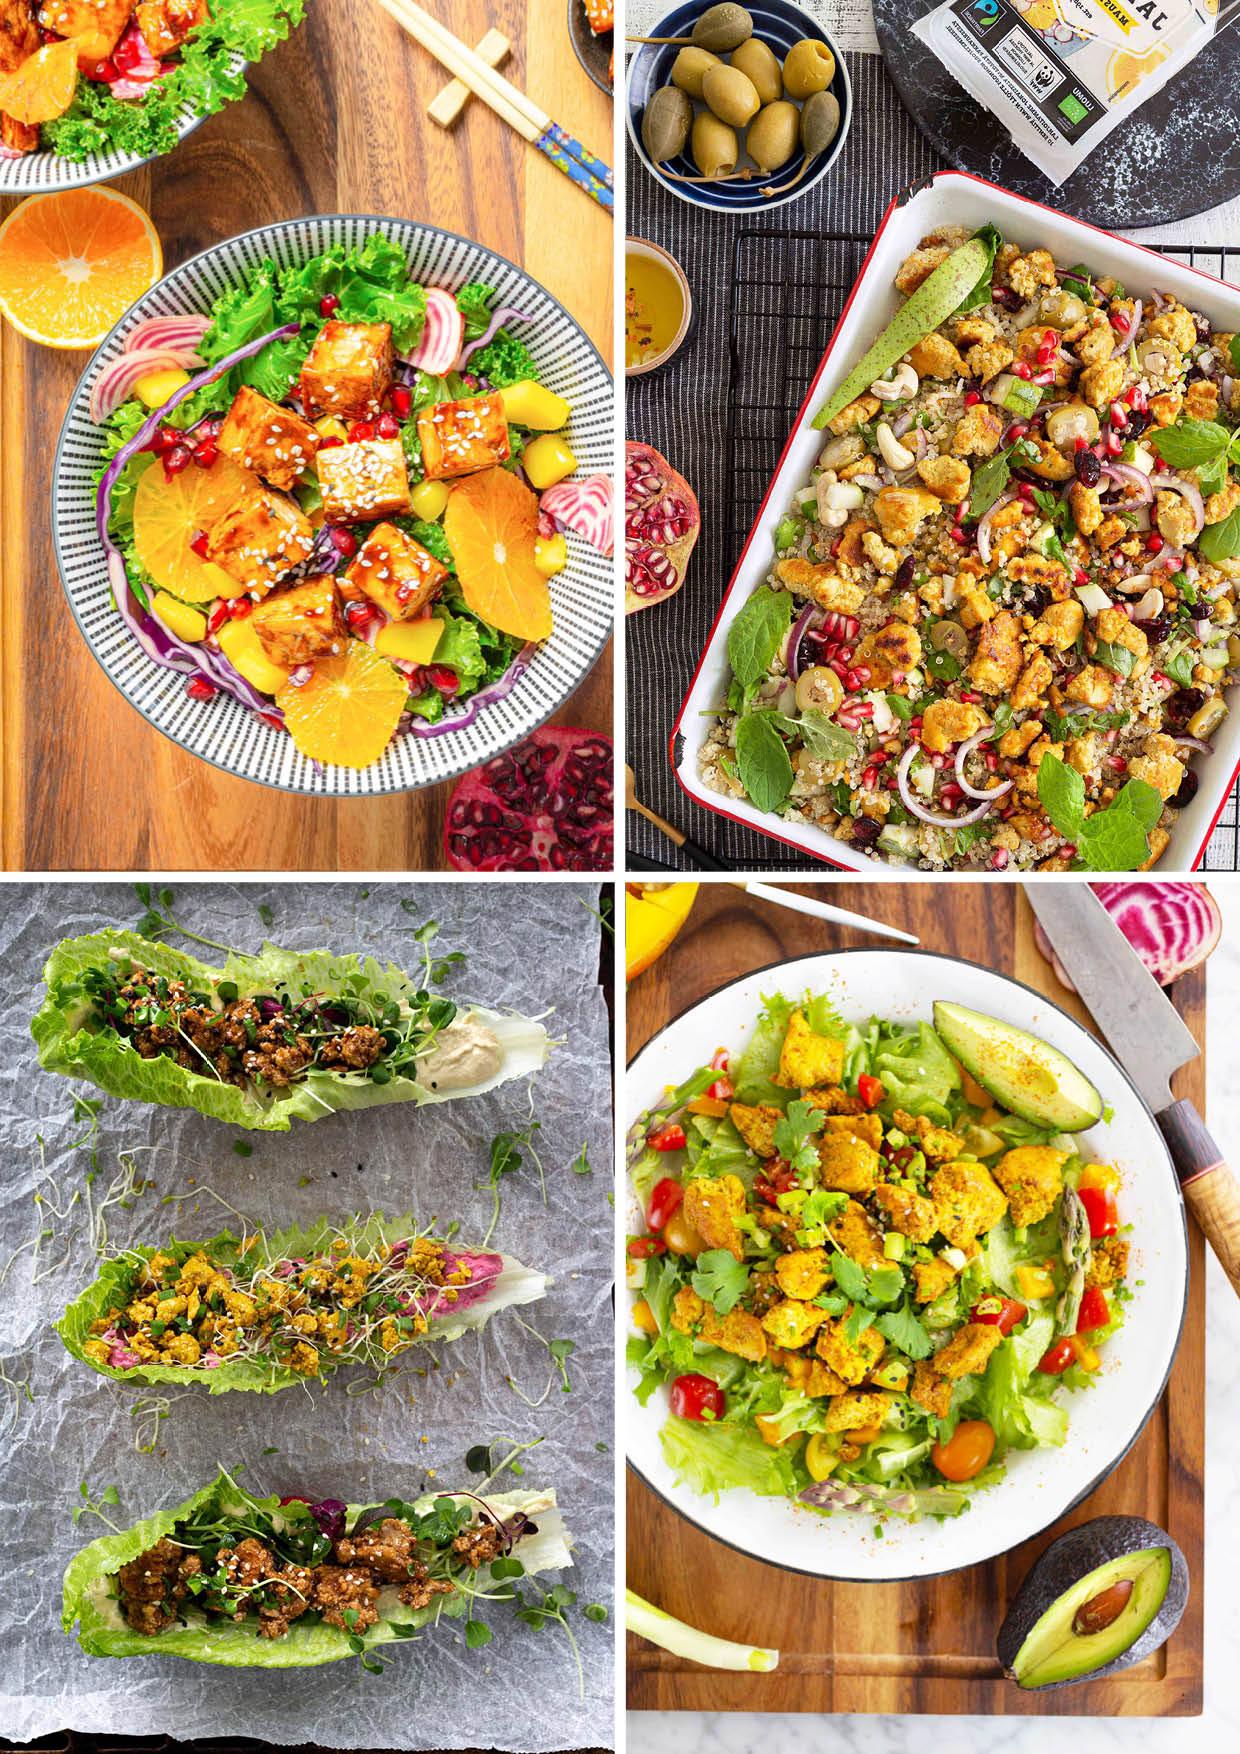 Värikkäitä ja ruokaisia tofusalaatteja.